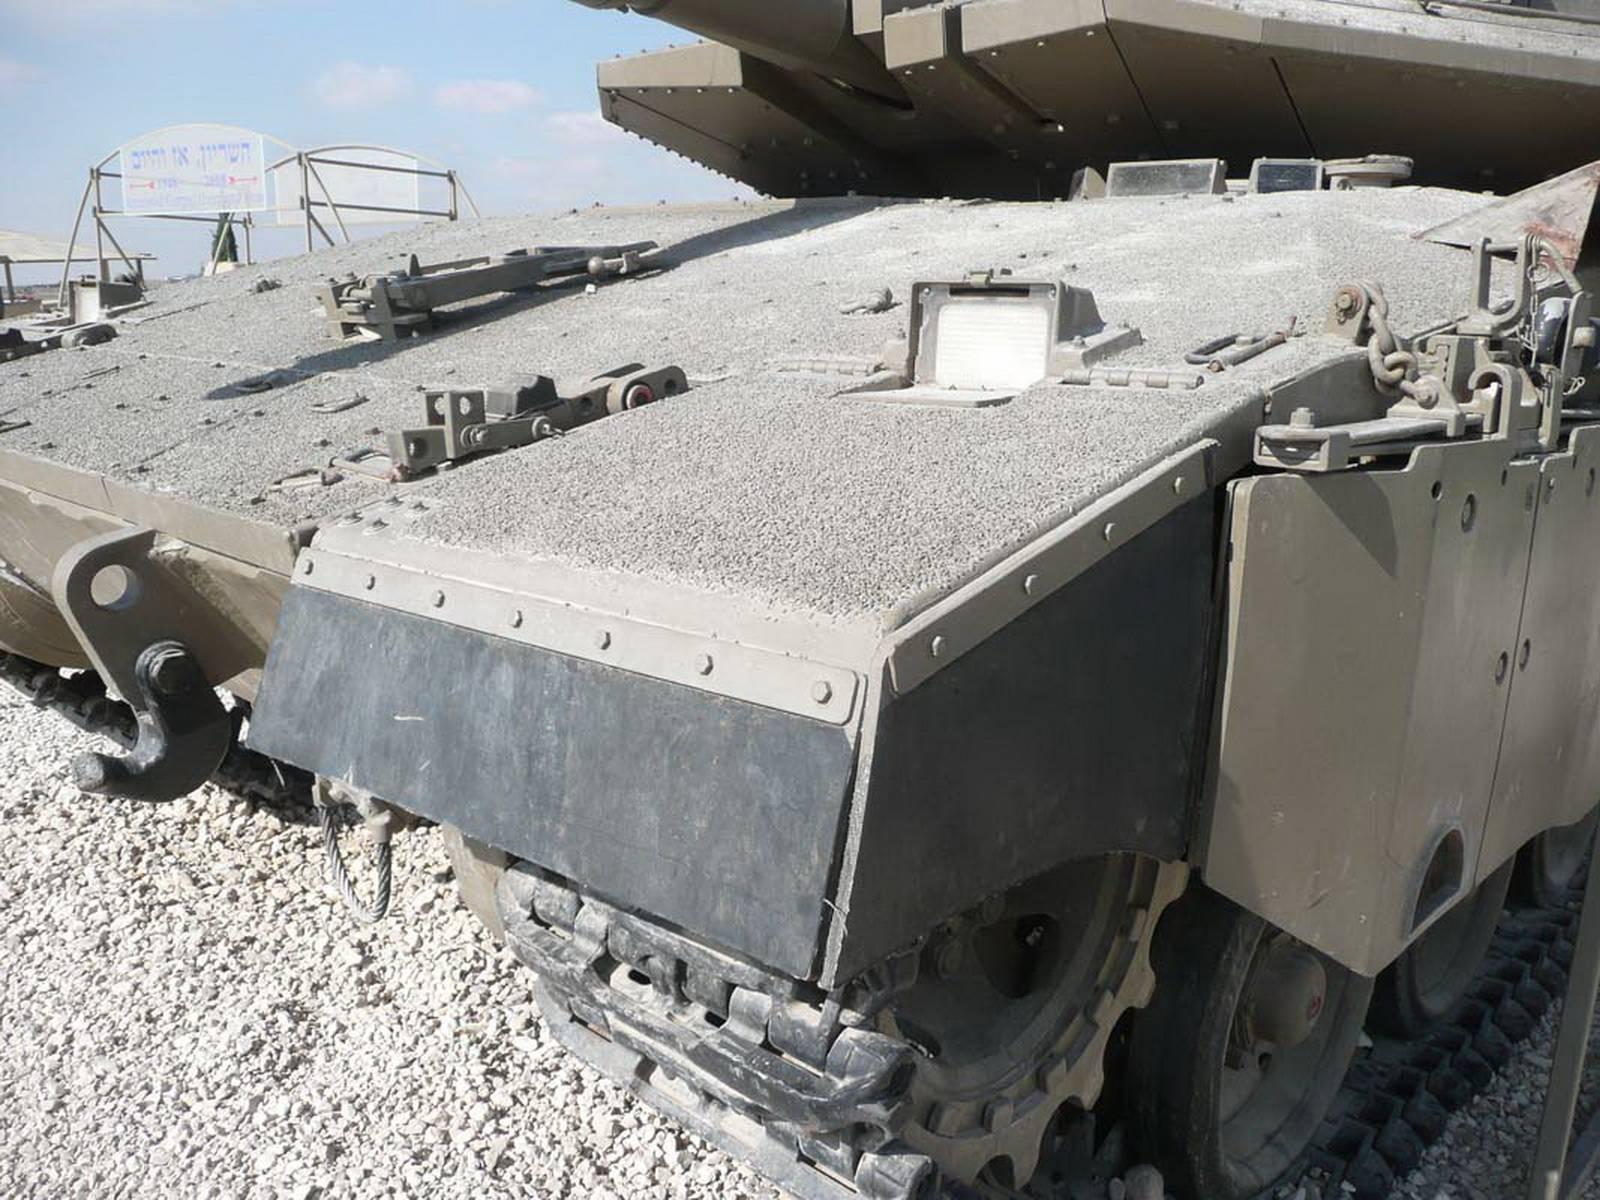 Танк меркава-4 двигатель, вес, размеры, вооружение